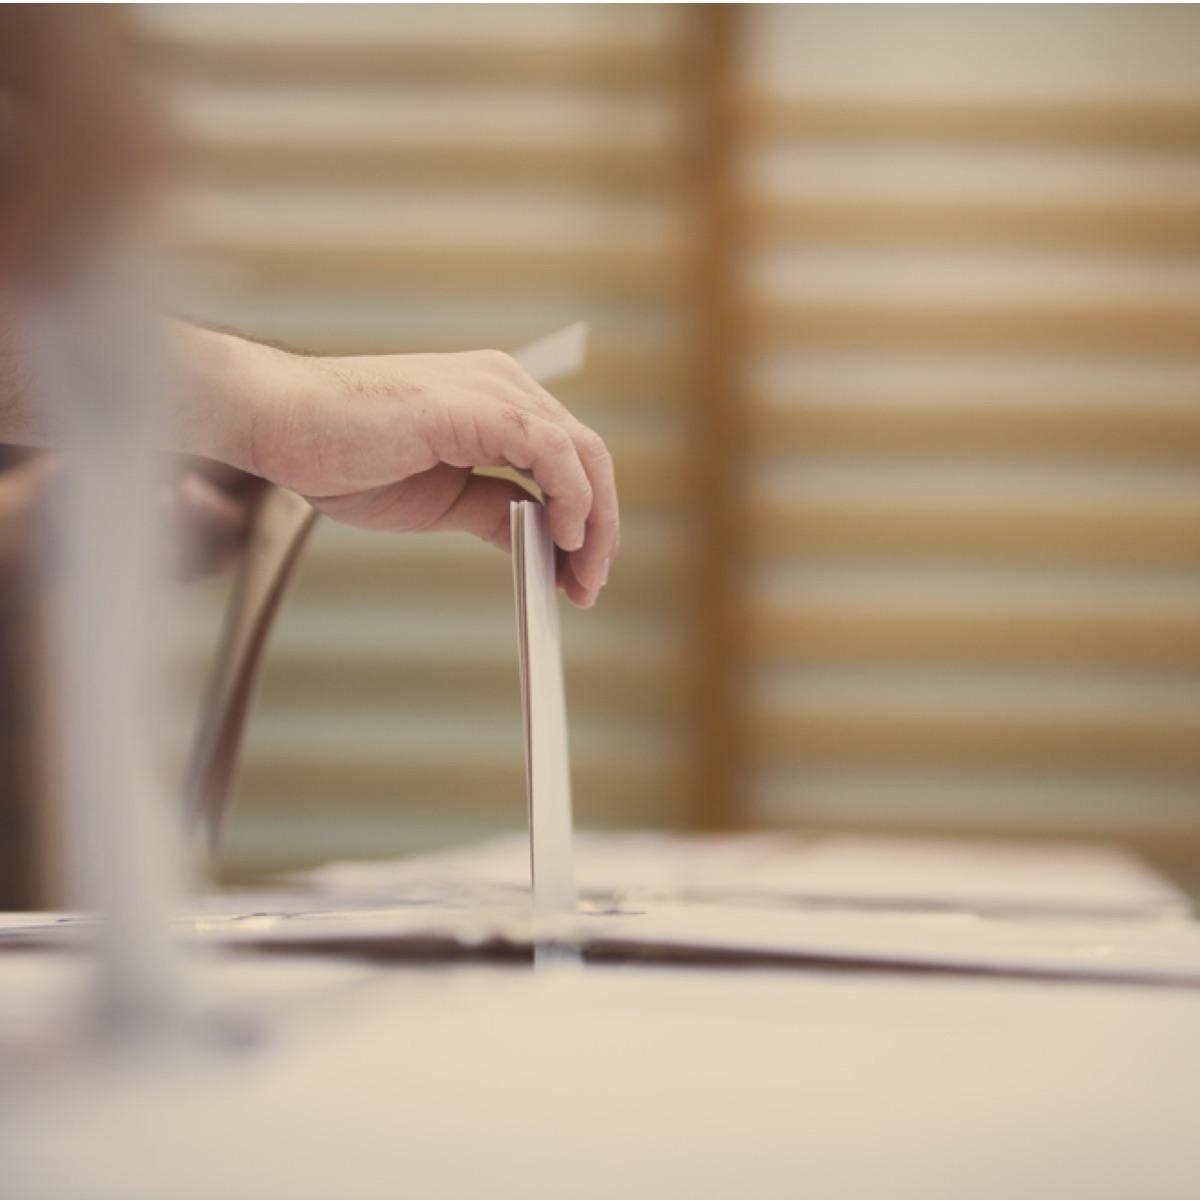 Bundestagswahl 2017 Unterrichtsmaterial: Lehrtexte und Bildmaterial